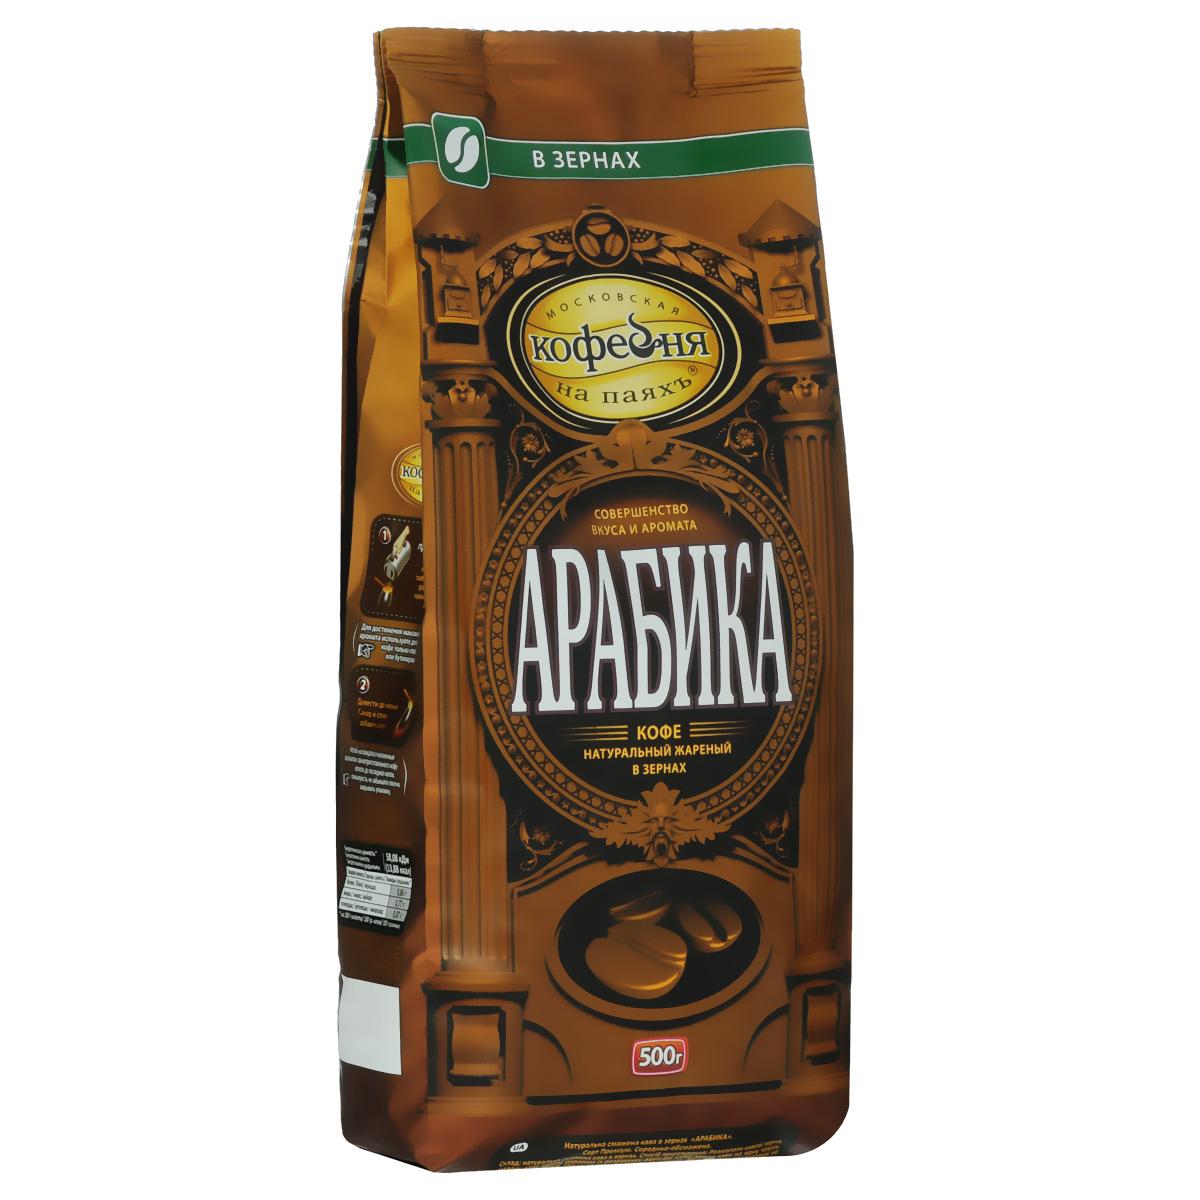 Московская кофейня на паяхъ Арабика кофе в зернах, 500 г4601985000021Кофе натуральный жареный в зернах Московская кофейня на паяхъ Арабика. Приготовлен исключительно из премиальных сортов Арабики. Традиционная обжарка придает насыщенный мягкий вкус с приятной кислинкой и чистый натуральный аромат настоящего кофе. Специальный клапан на пакете гарантирует сохранение вкуса и аромата свежеобжаренного кофе.